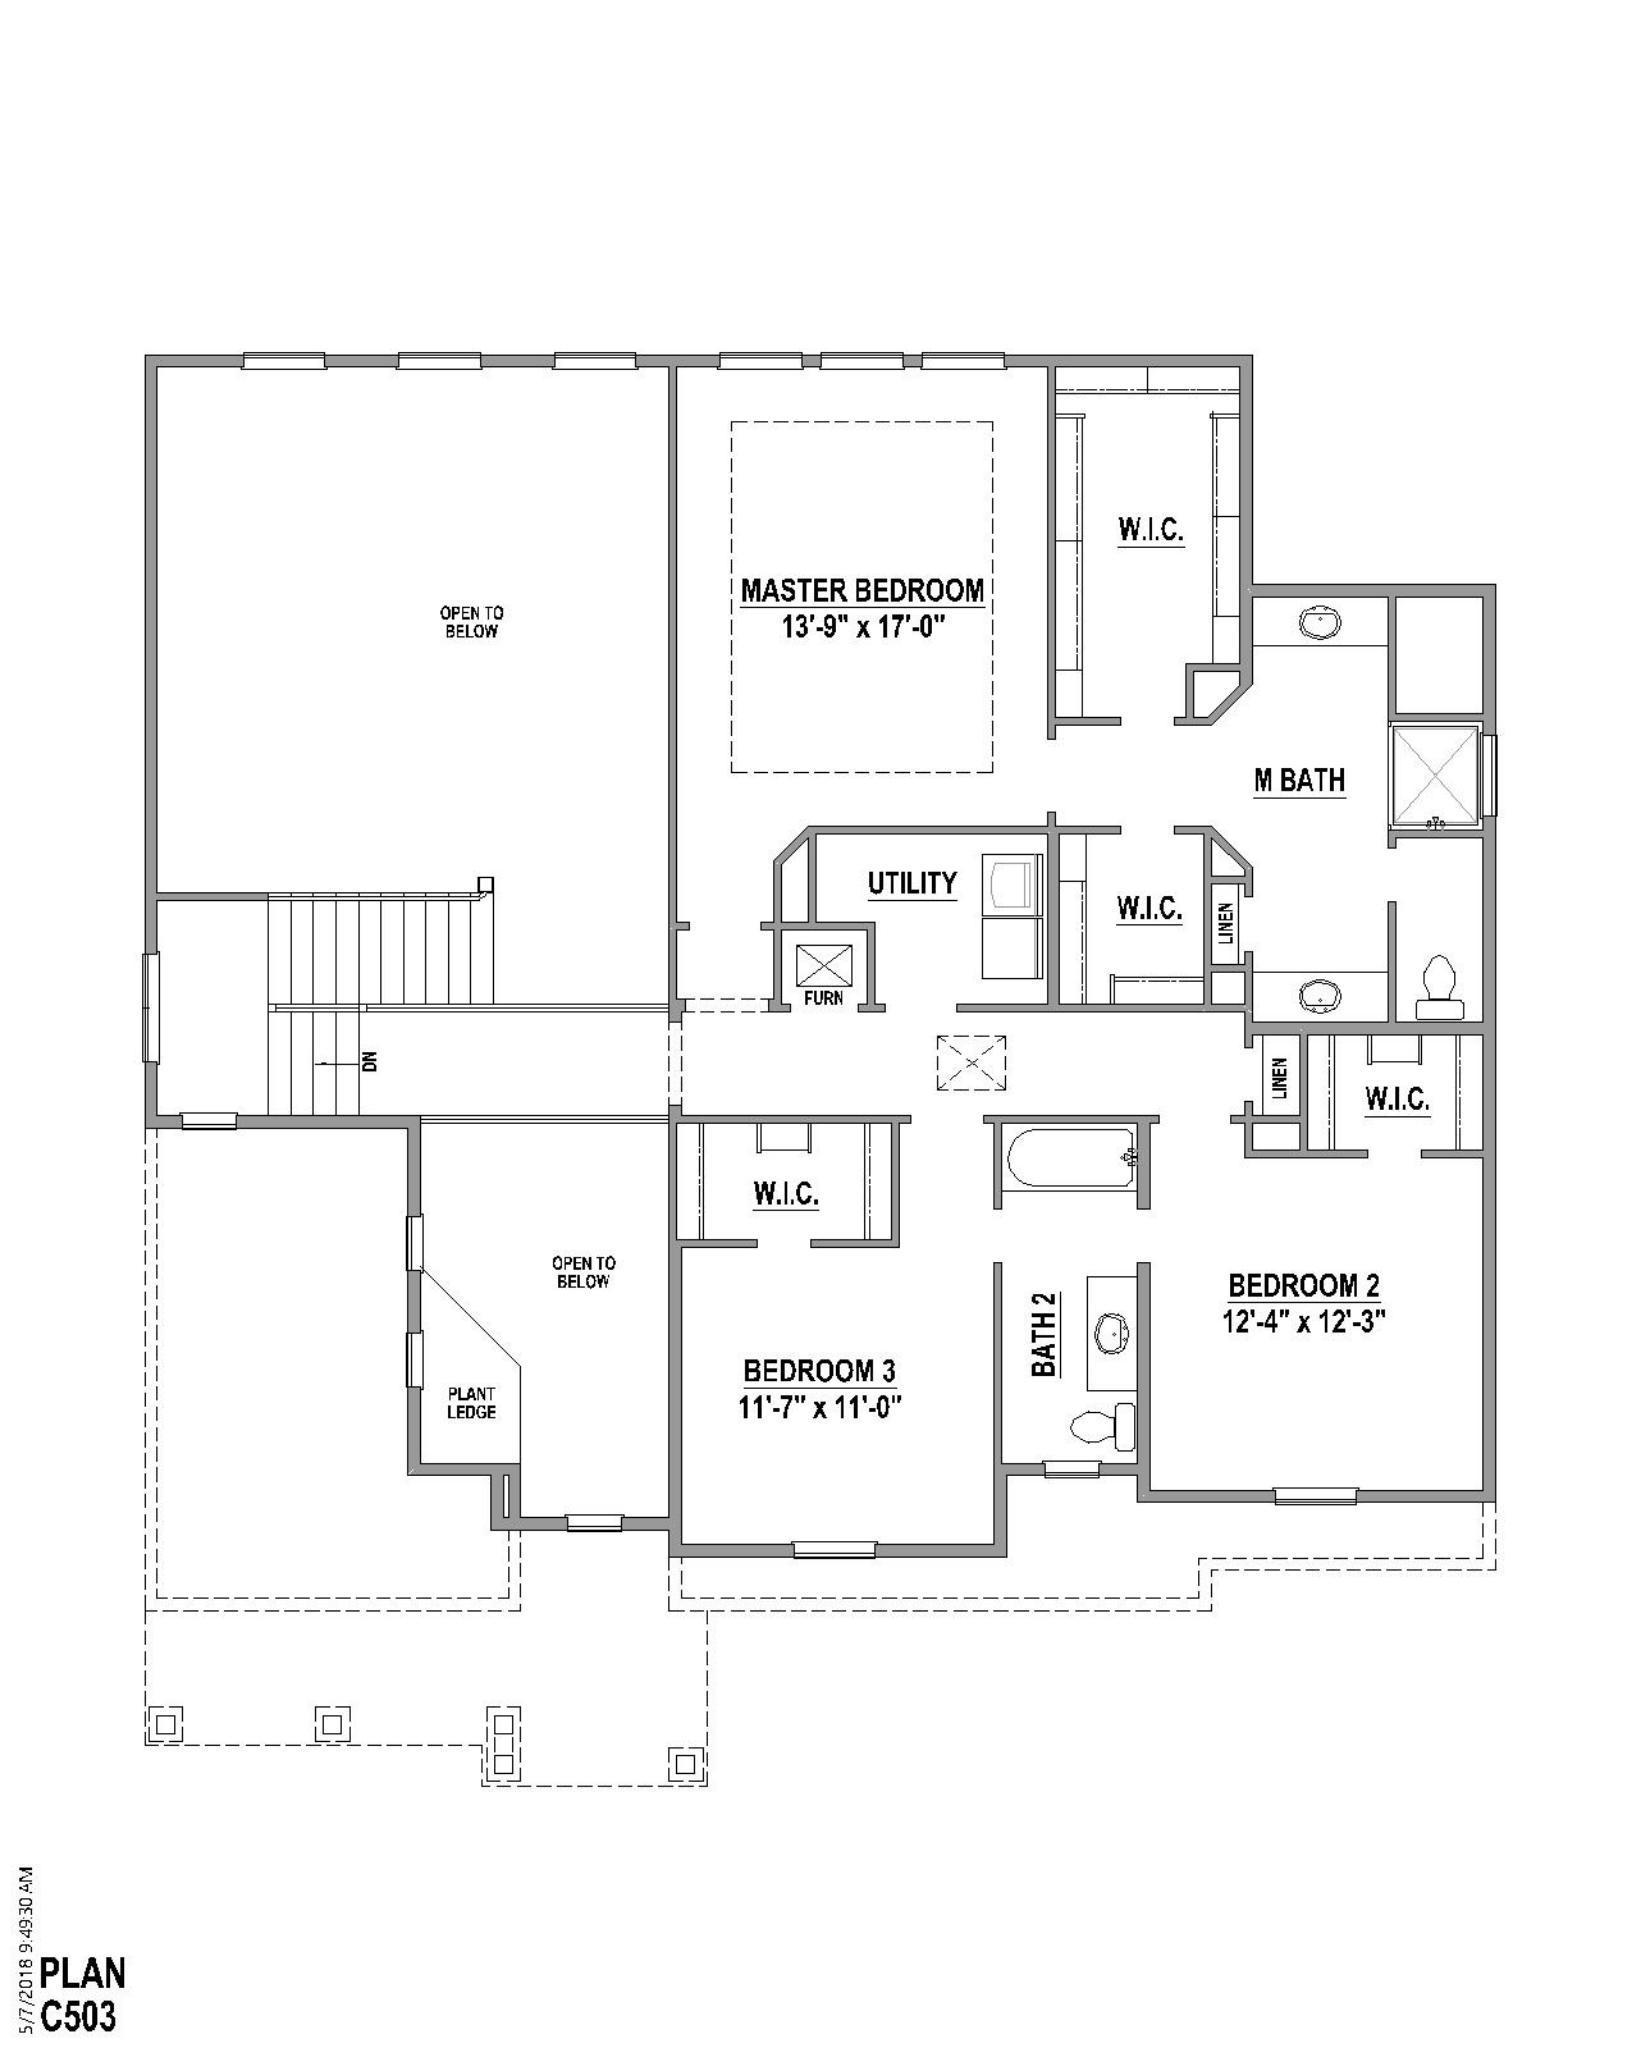 Plan C503 Floor Plan